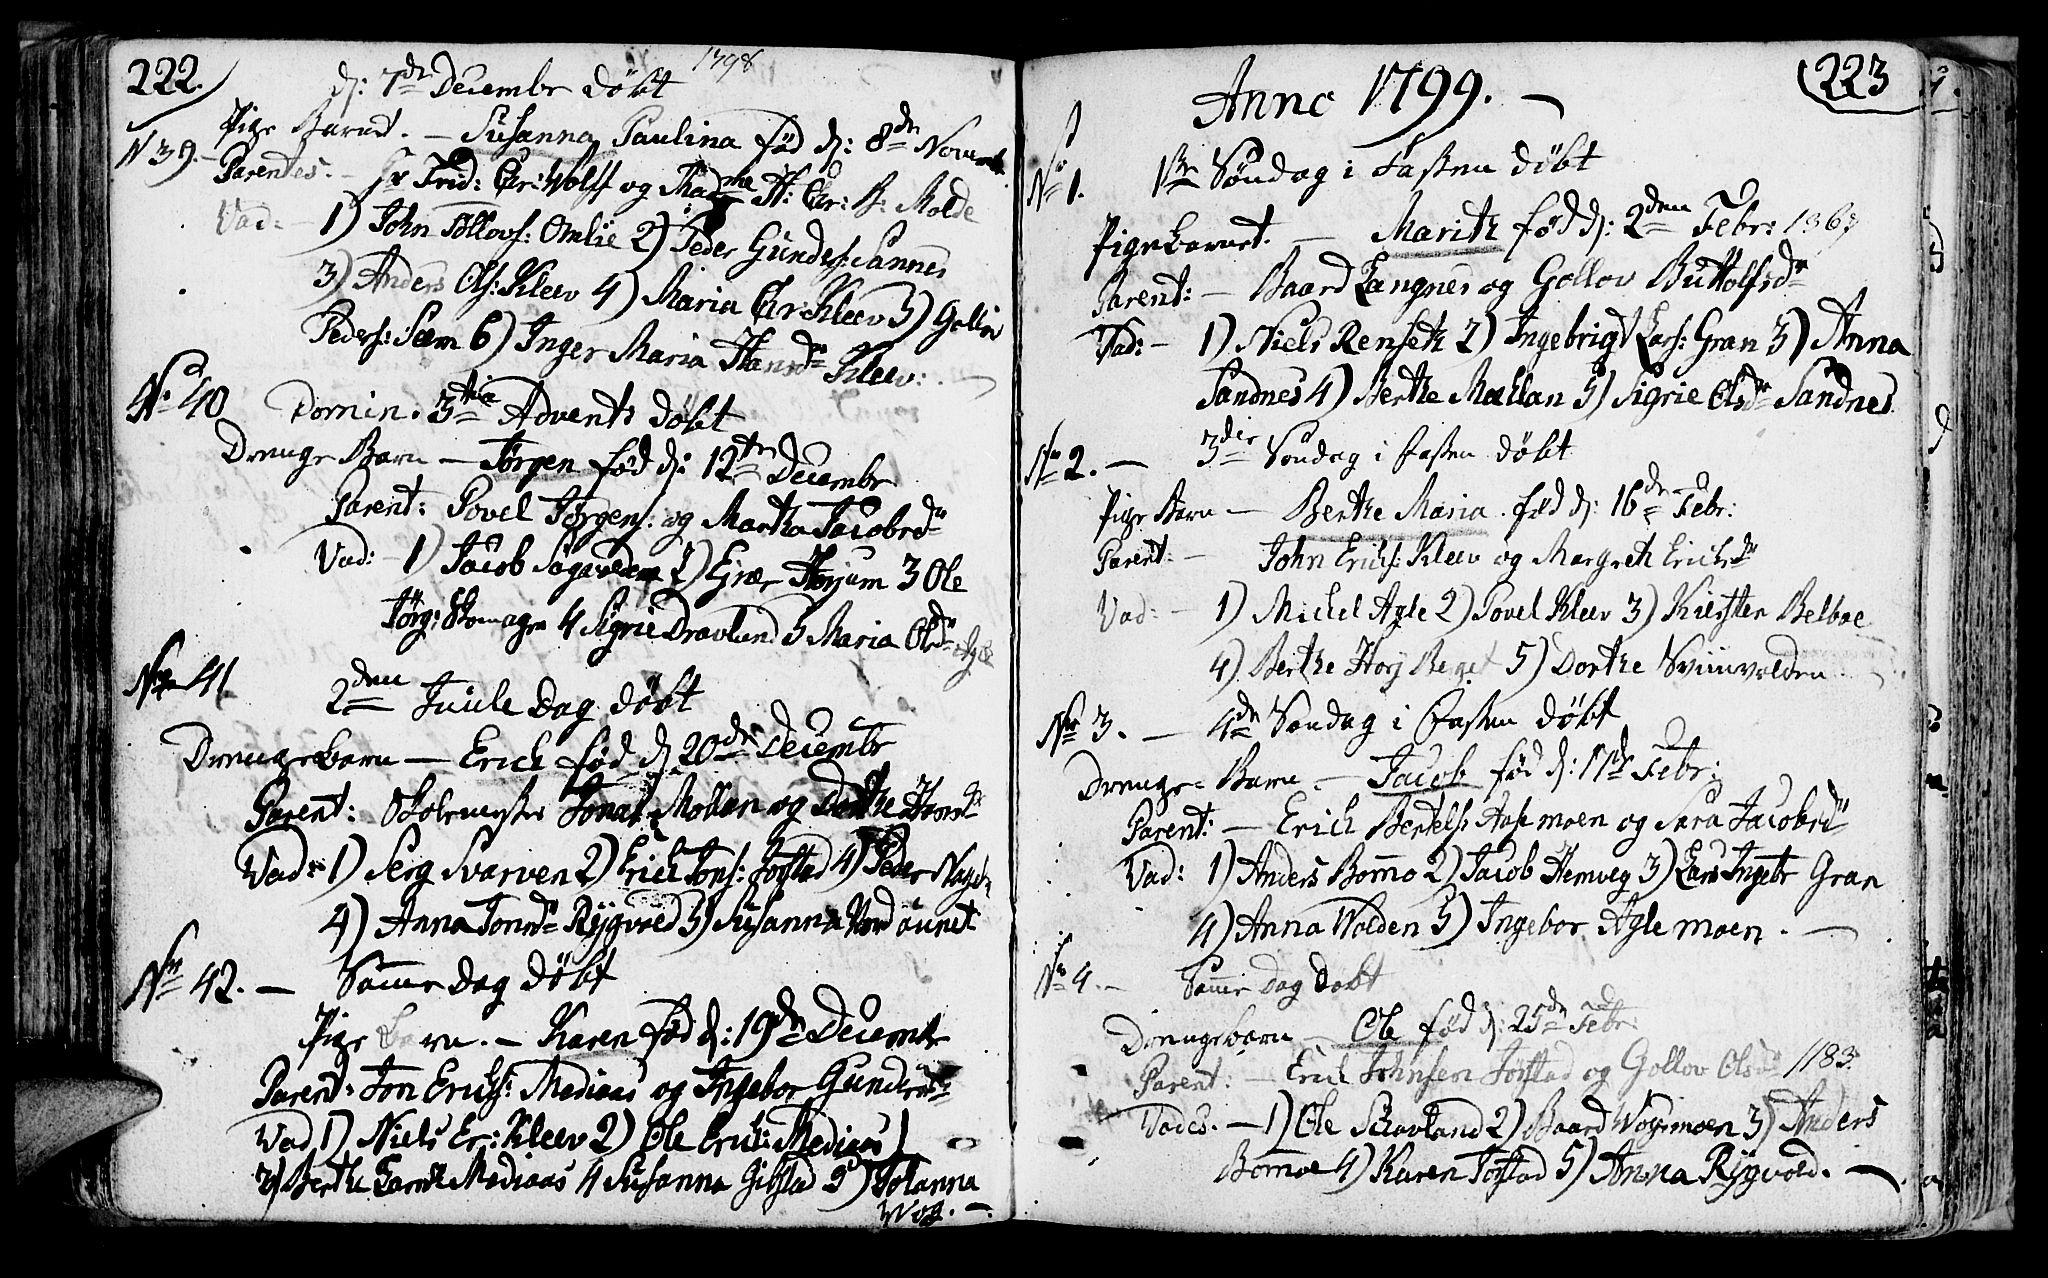 SAT, Ministerialprotokoller, klokkerbøker og fødselsregistre - Nord-Trøndelag, 749/L0468: Ministerialbok nr. 749A02, 1787-1817, s. 222-223